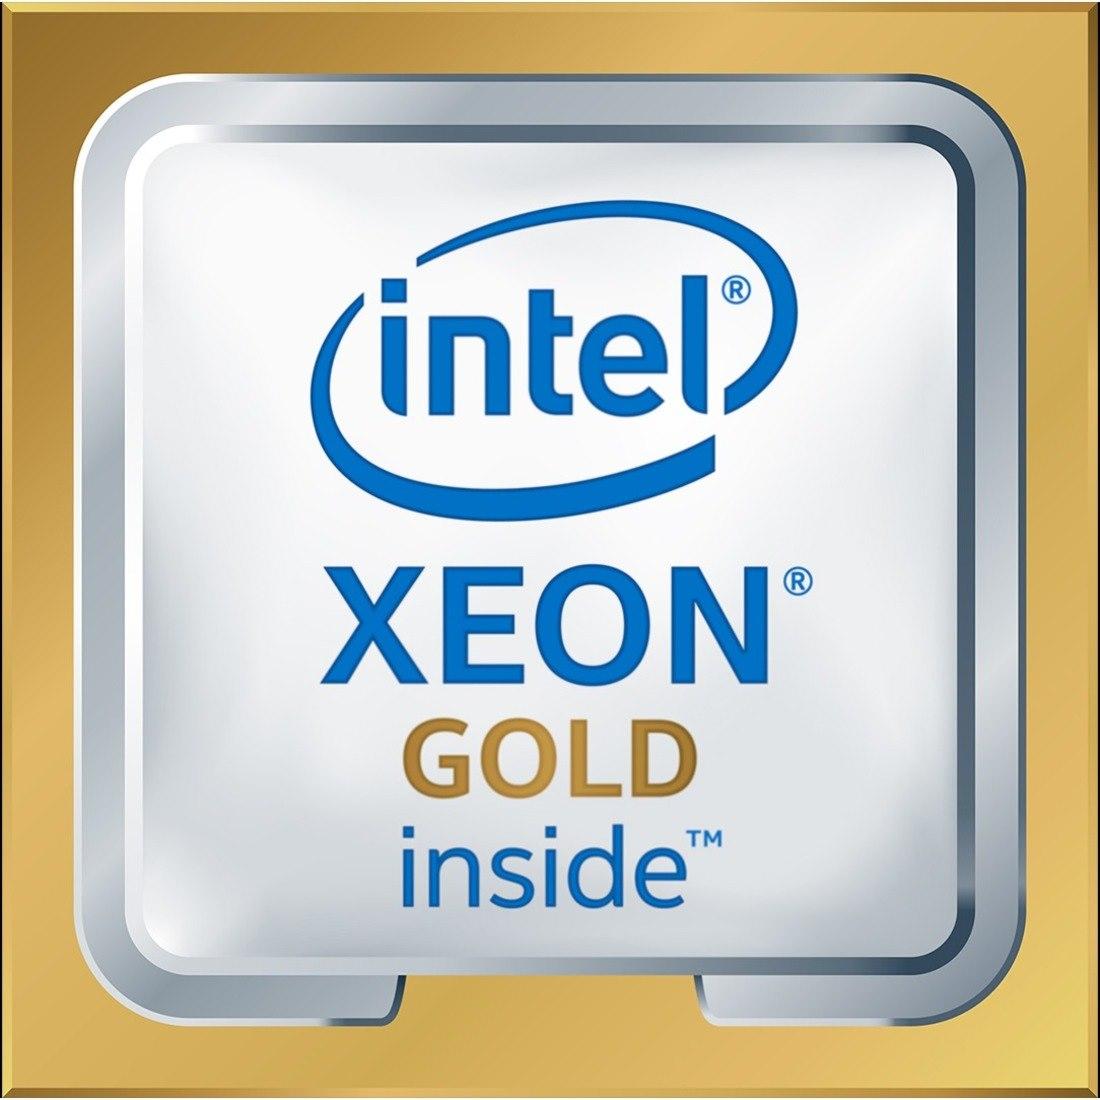 Cisco Intel Xeon Gold 6136 Dodeca-core (12 Core) 3 GHz Processor Upgrade